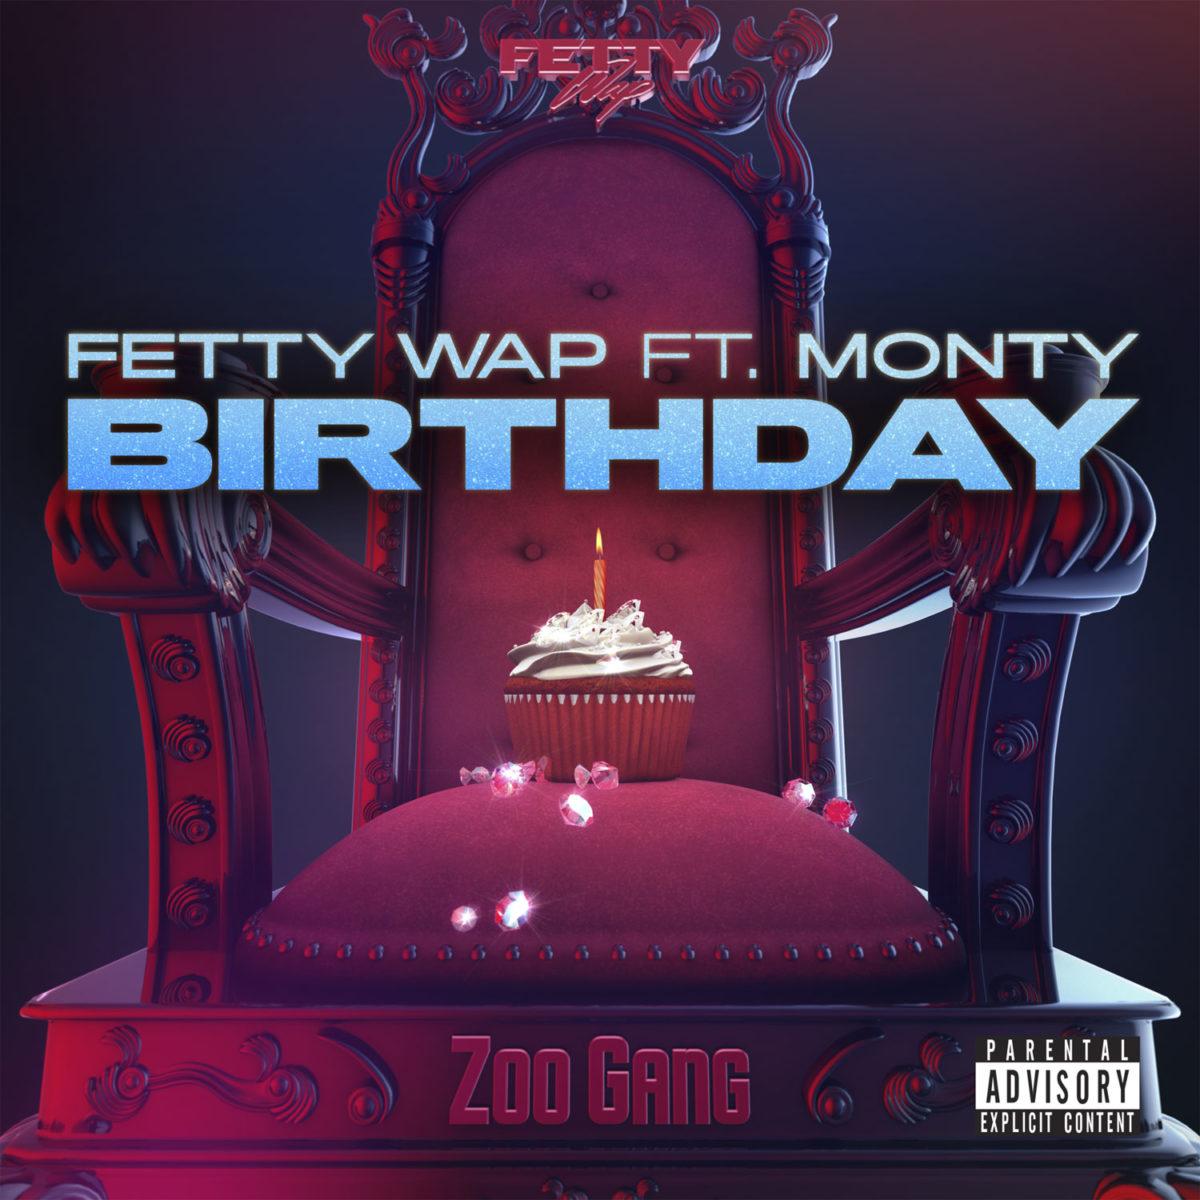 Birthday - Ft. Monty